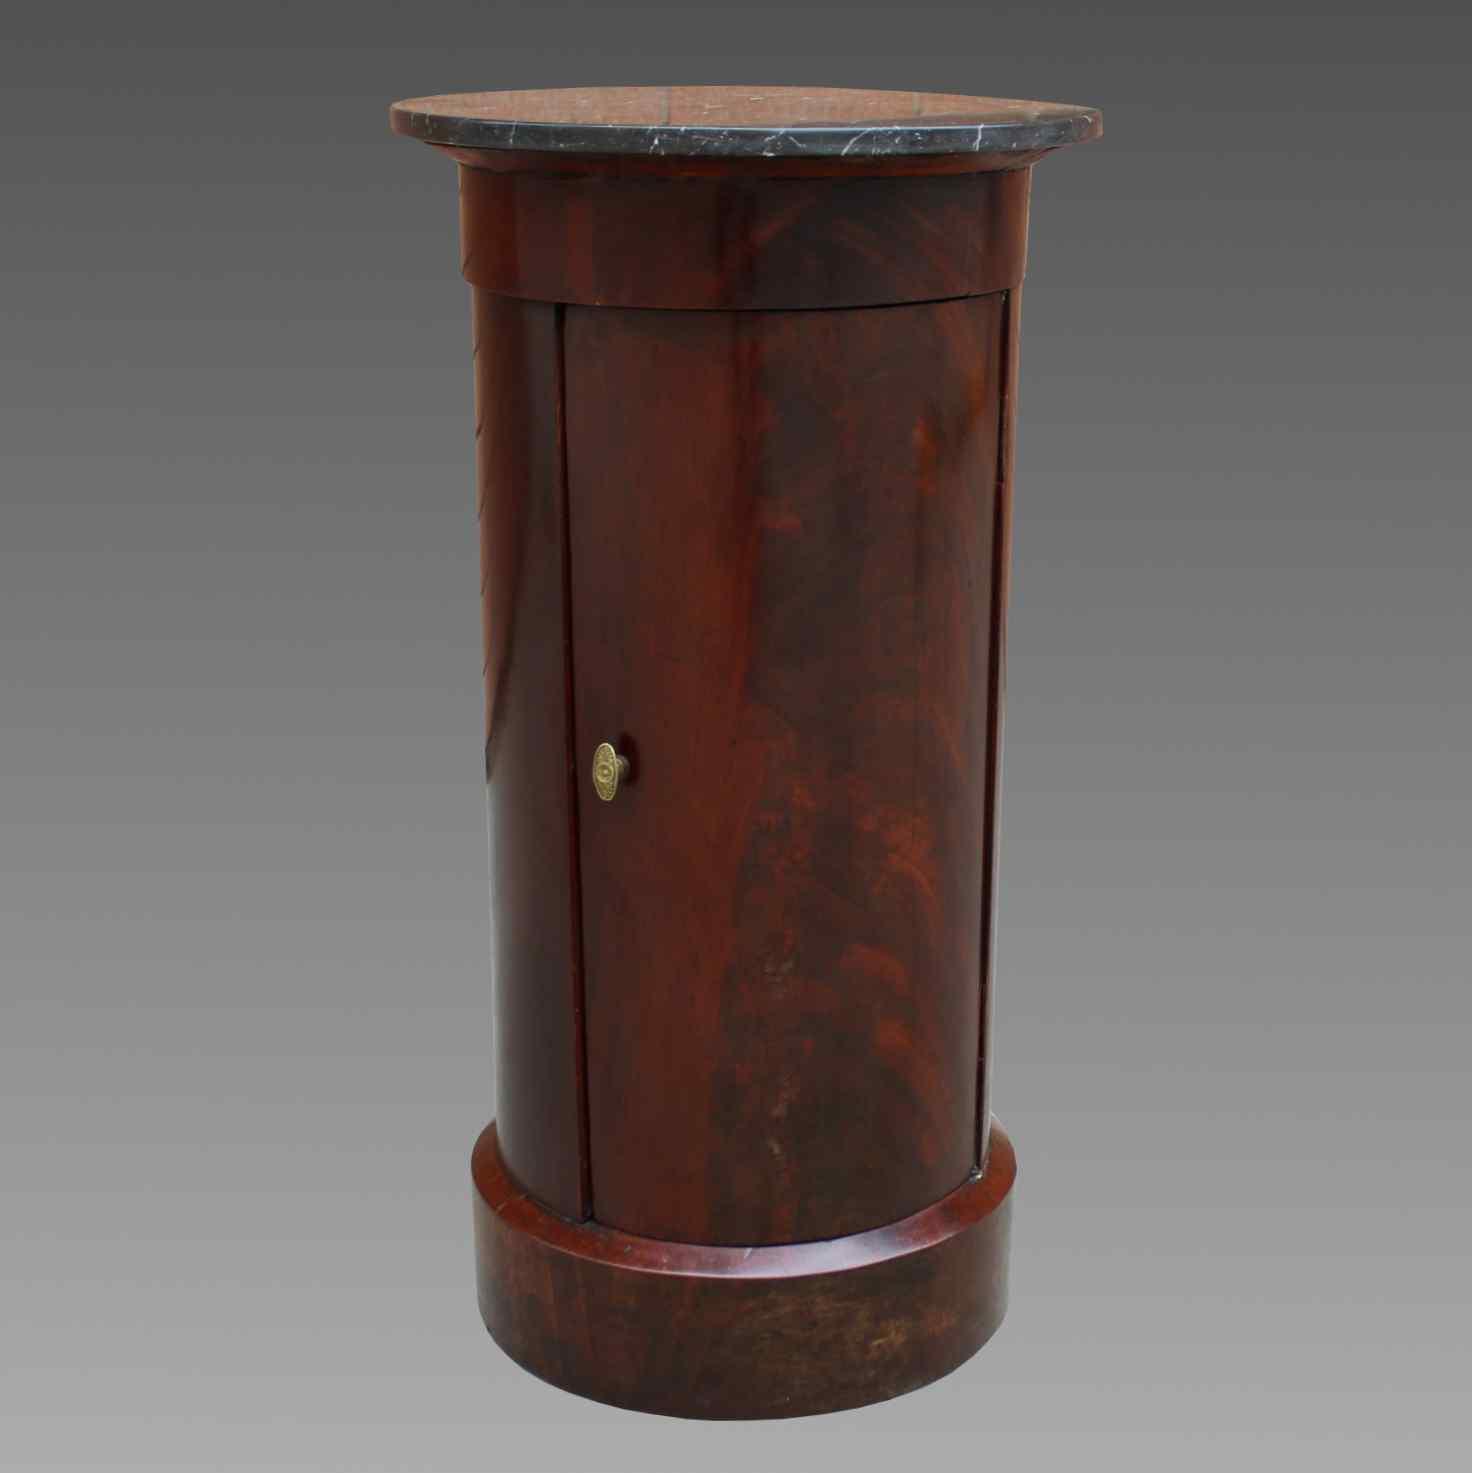 Antico Tavolino Comodino a Cilindro Impero in mogano-XIX sec